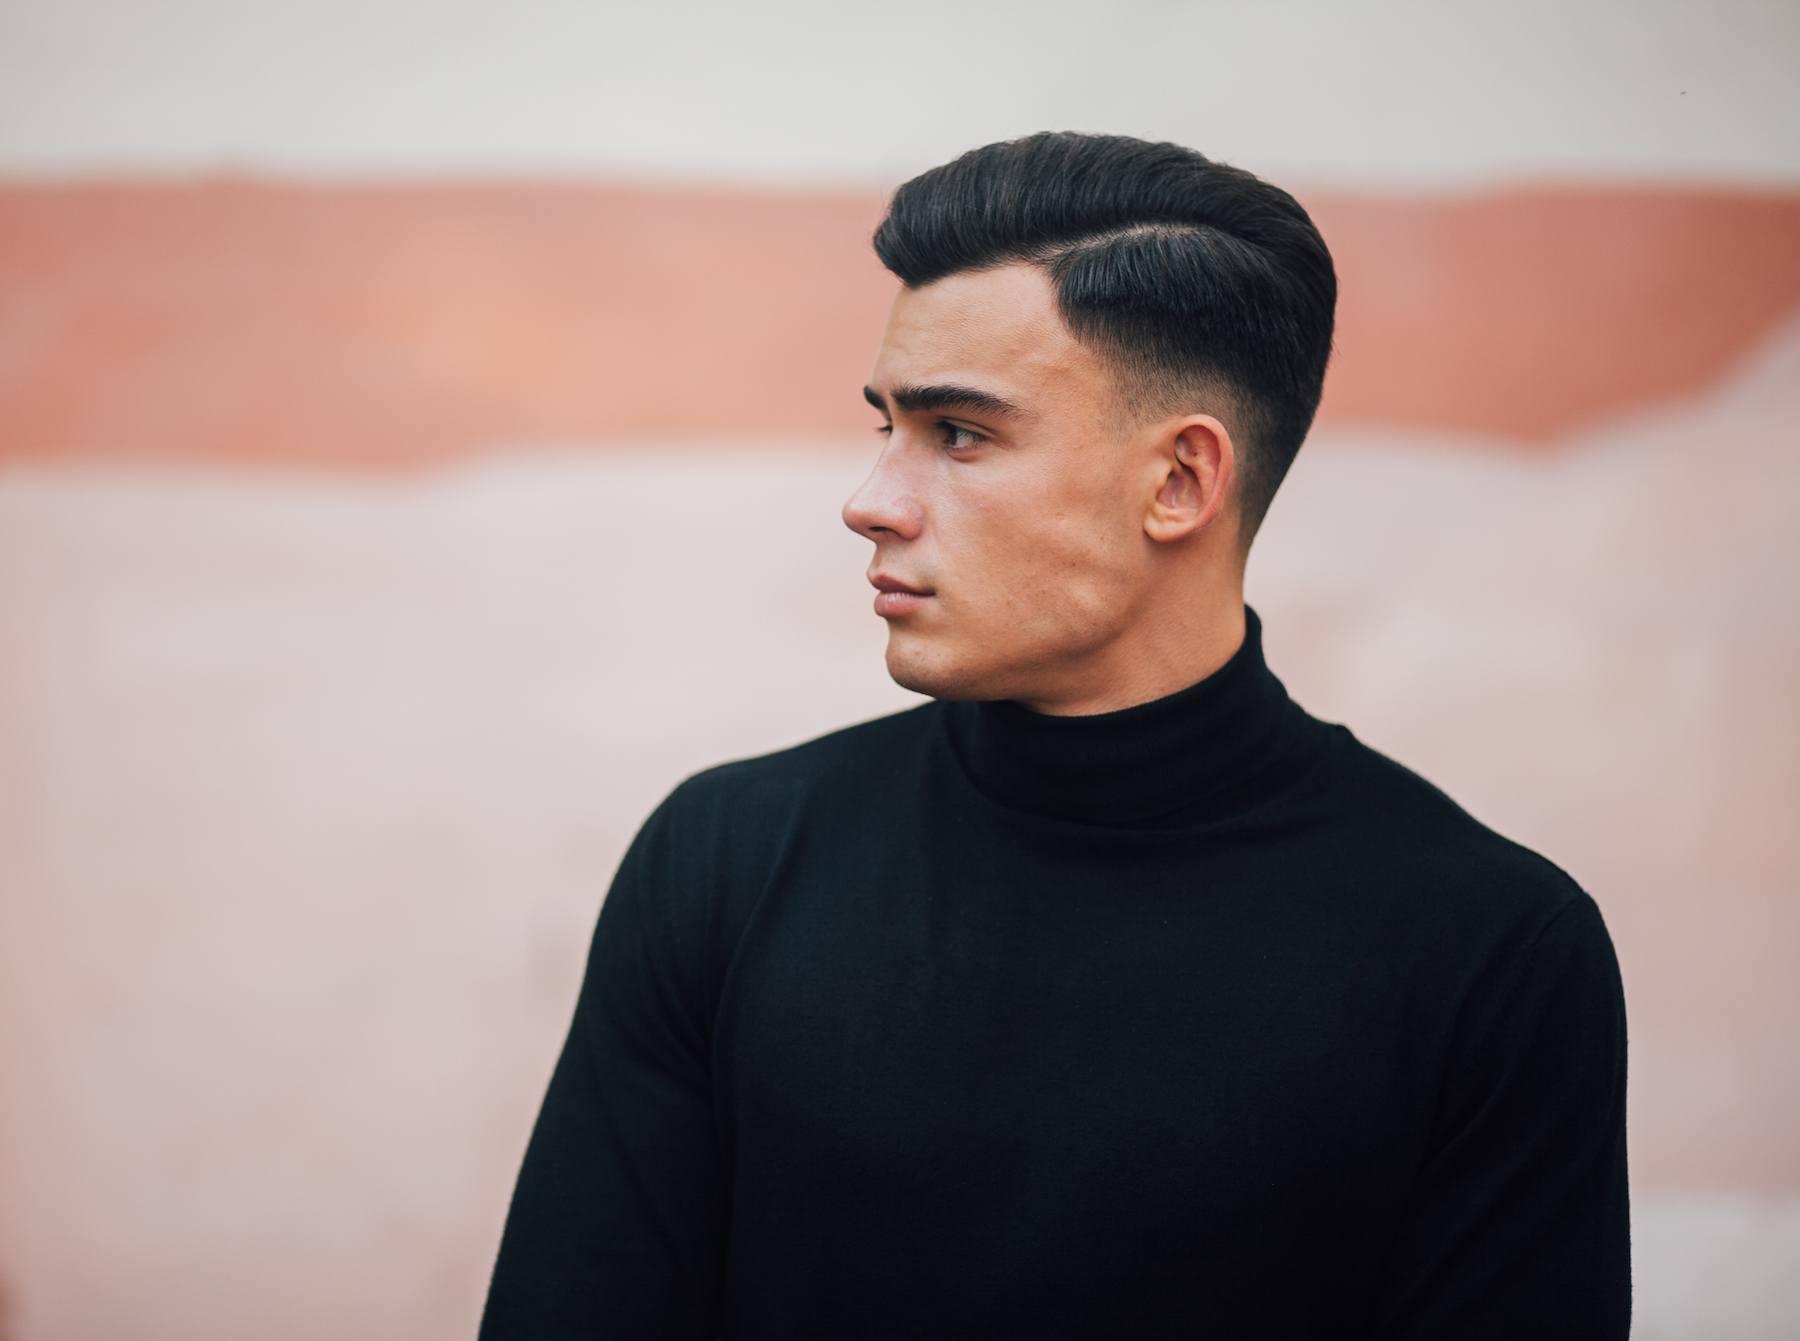 Pria kaukasia dengan model rambut belah samping pompadour fade